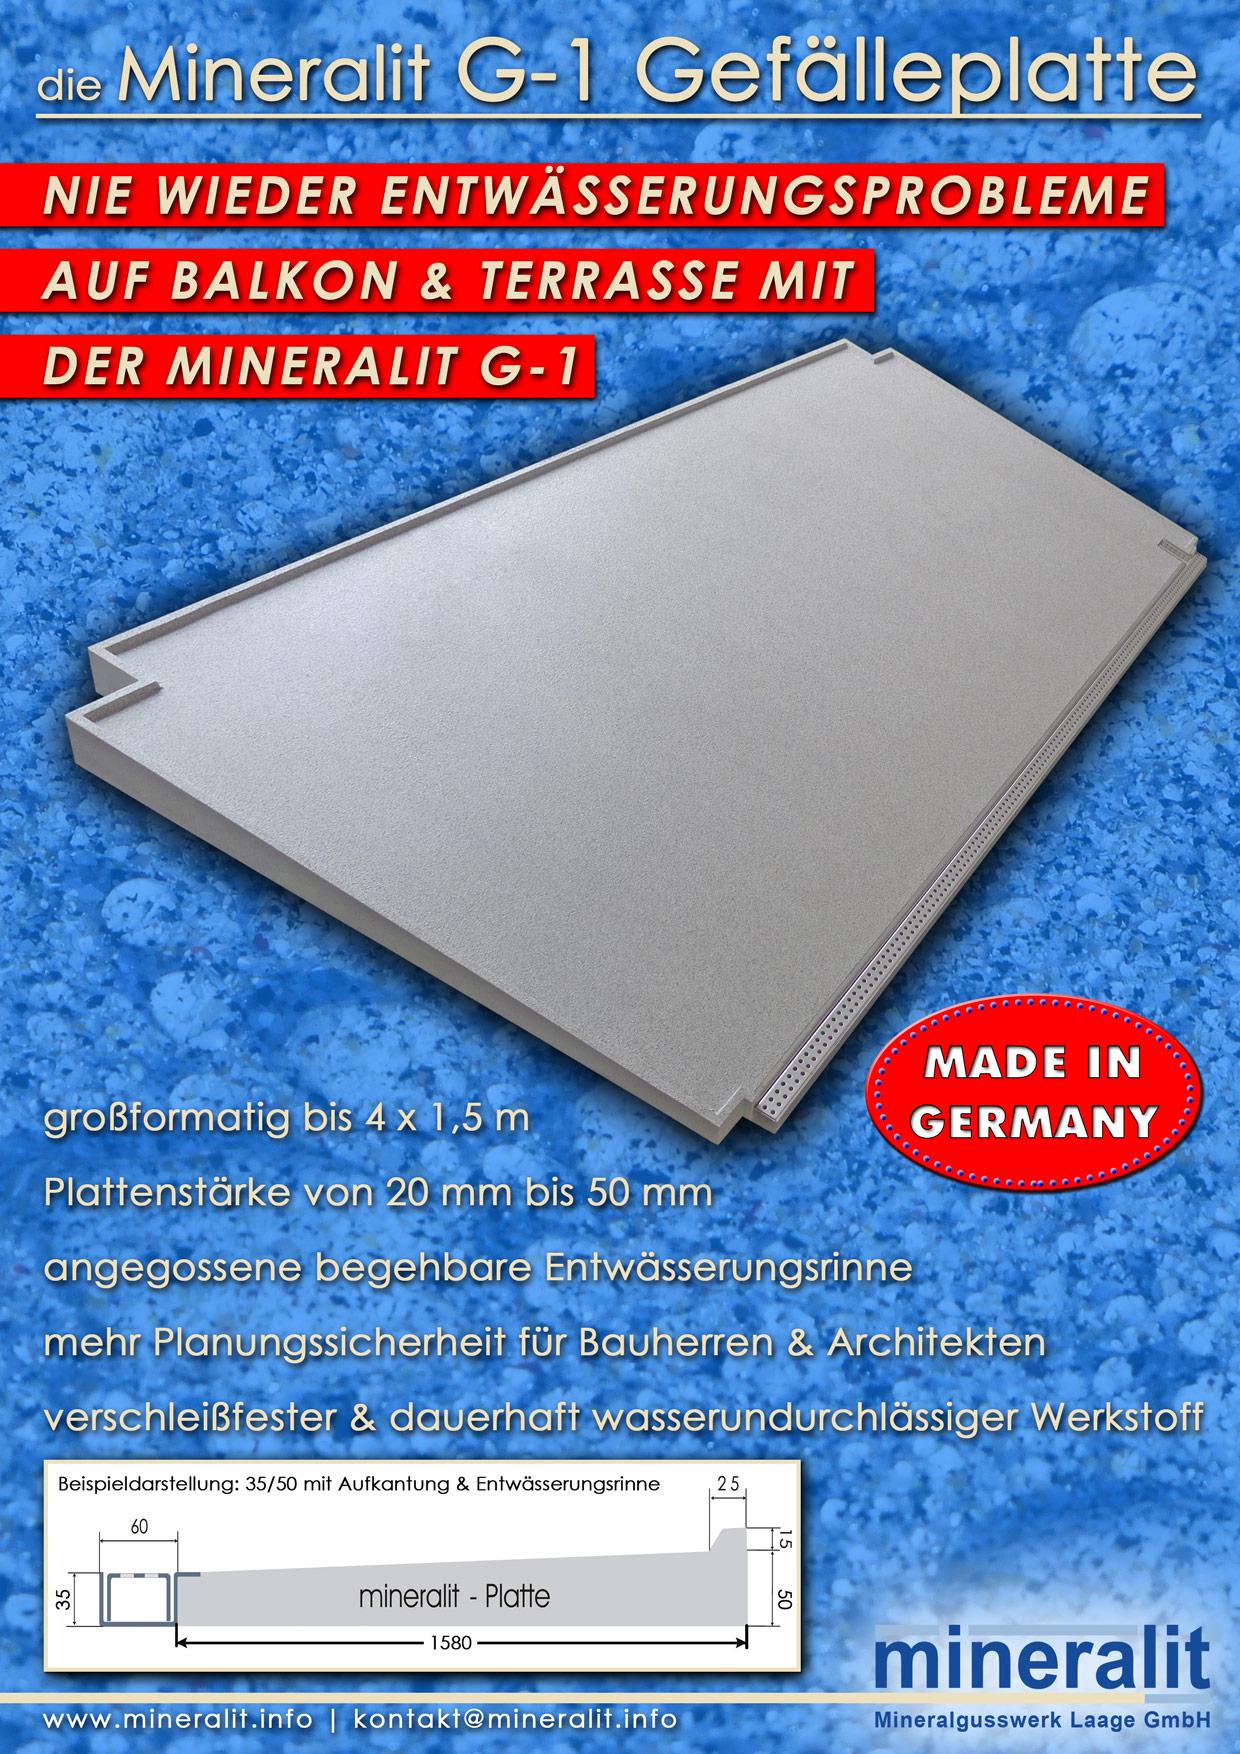 Mineralit G-1 Gefälleplatte